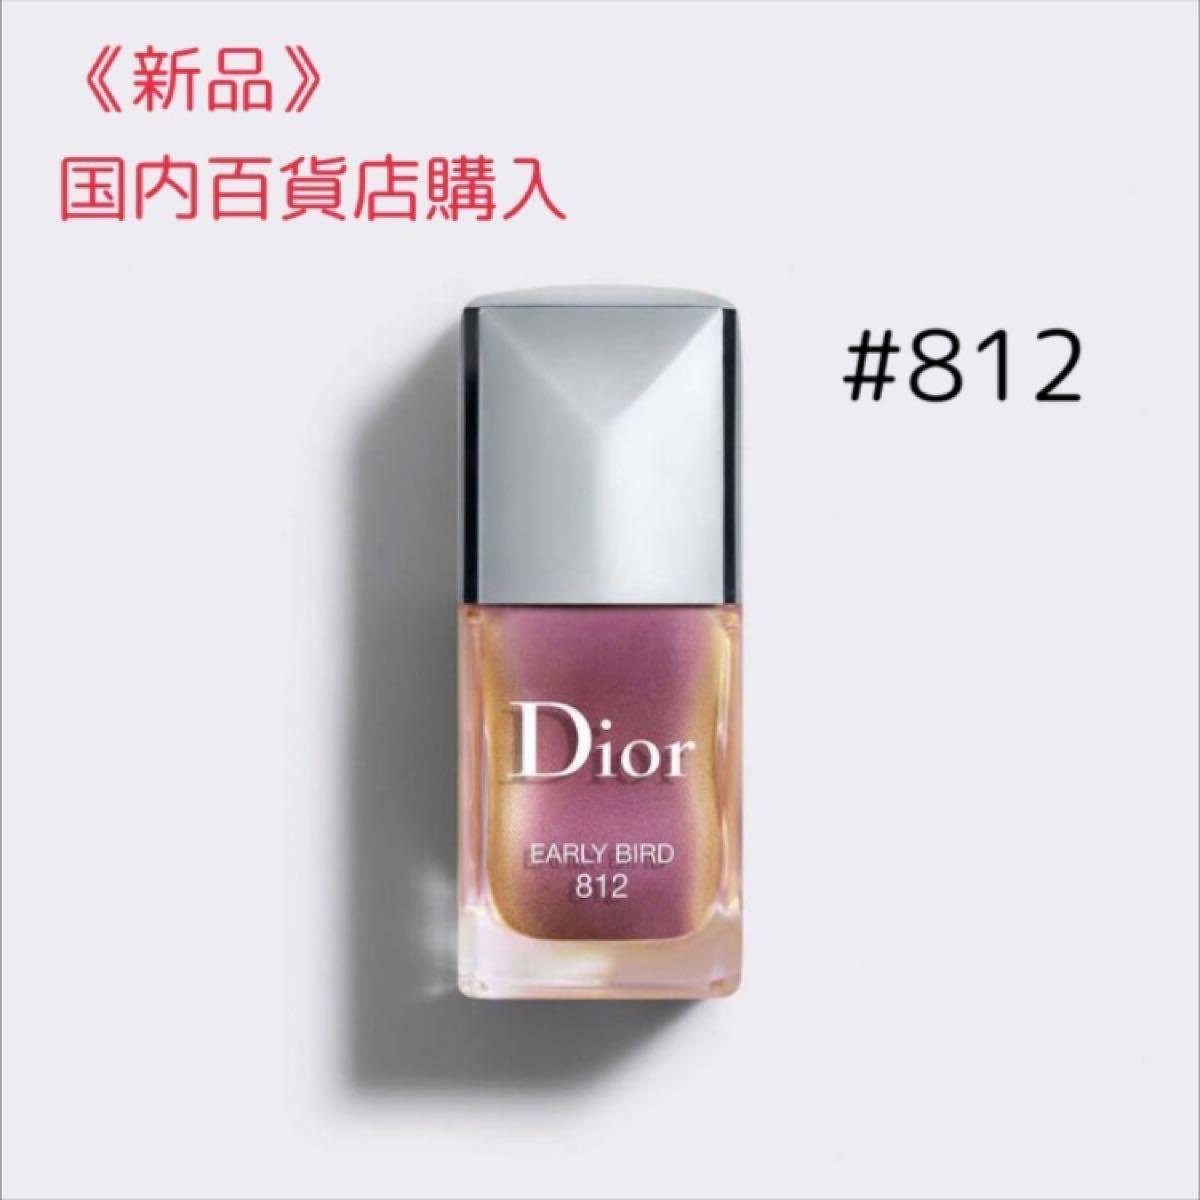 ディオール Dior ヴェルニ ネイルカラー 812